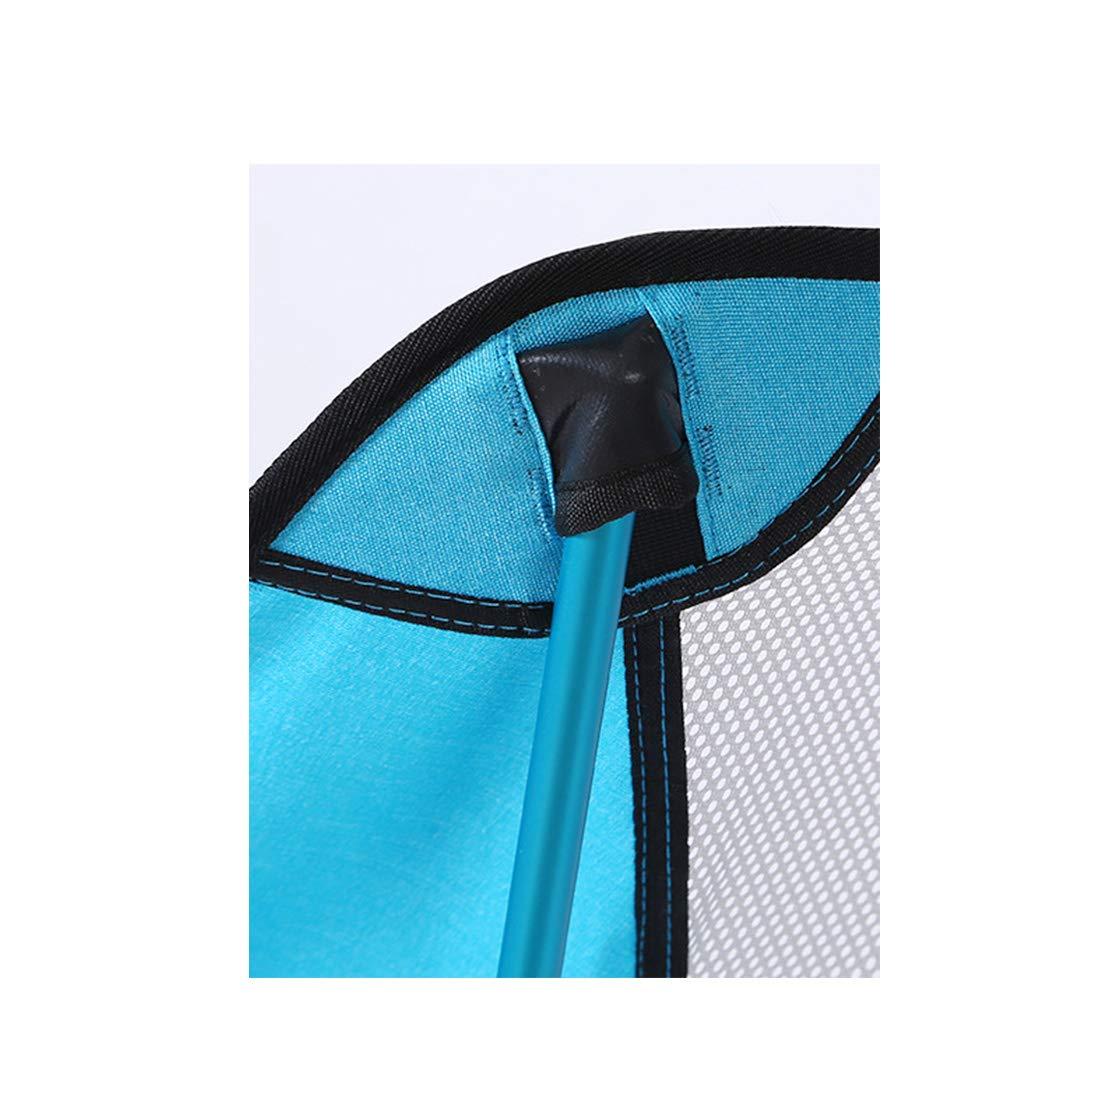 FUBULECY Gartenstuhl Klappstuhl Moon Stuhl Mobiler Praktisch Stuhl Freizeitstuhl Ultraleicht Praktisch Mobiler zum Tragen e6d507